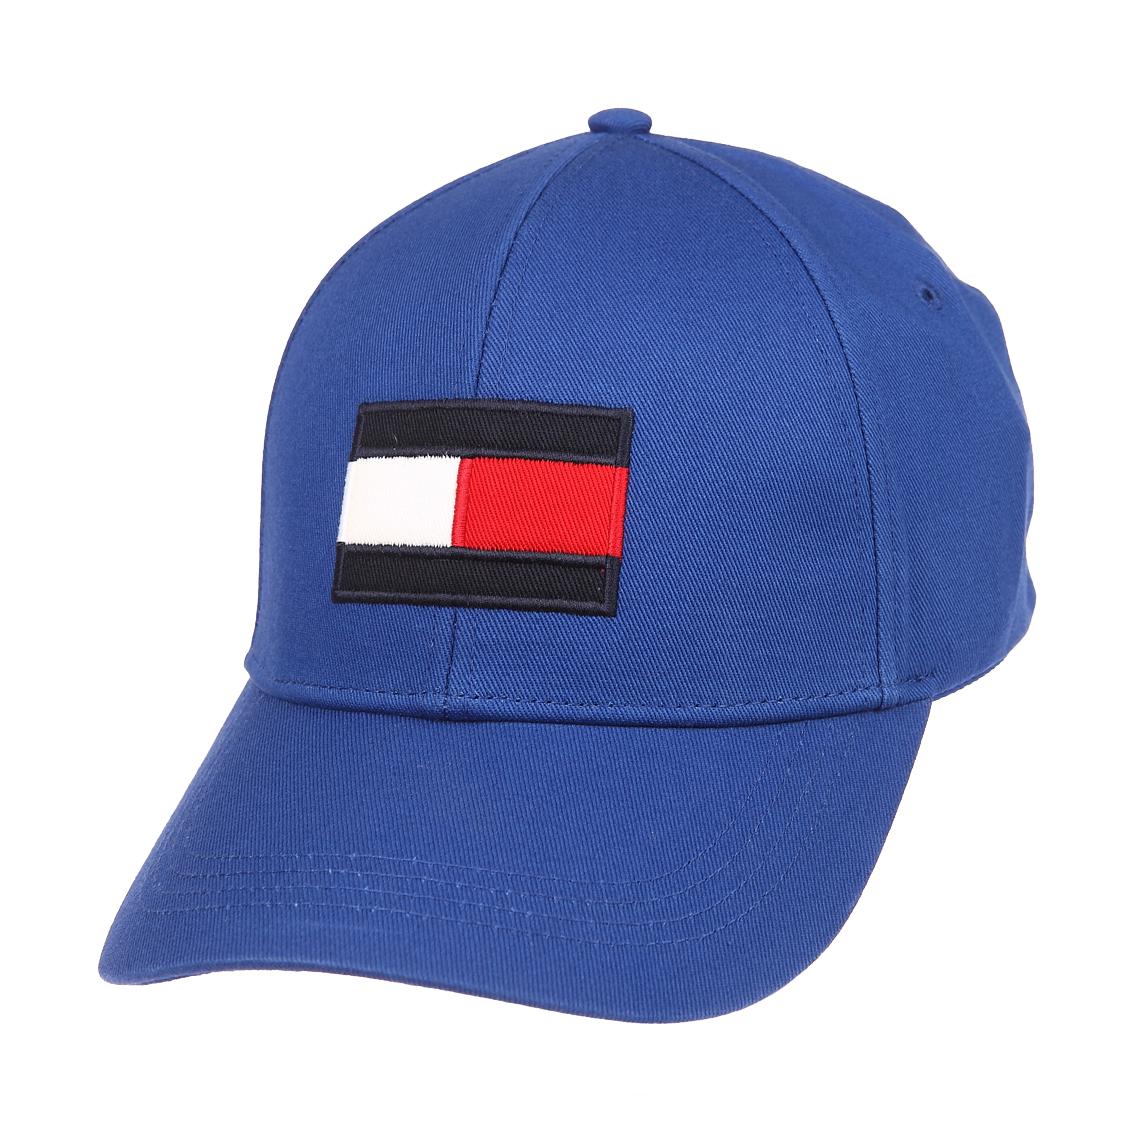 Casquette tommy hilfiger big flag en coton bleu pétrole brodé